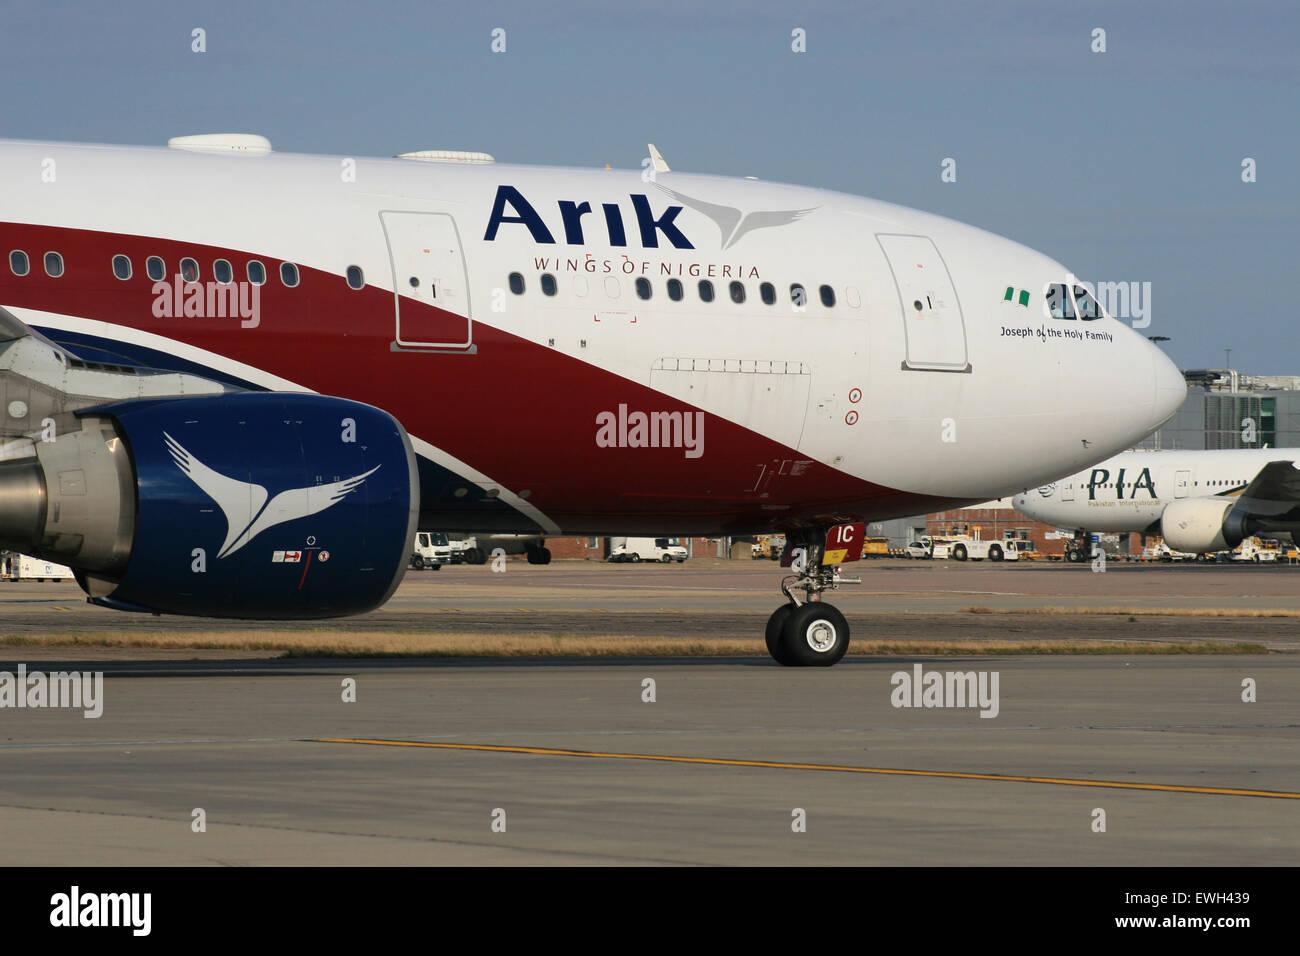 ARIK NIGERIA - Stock Image